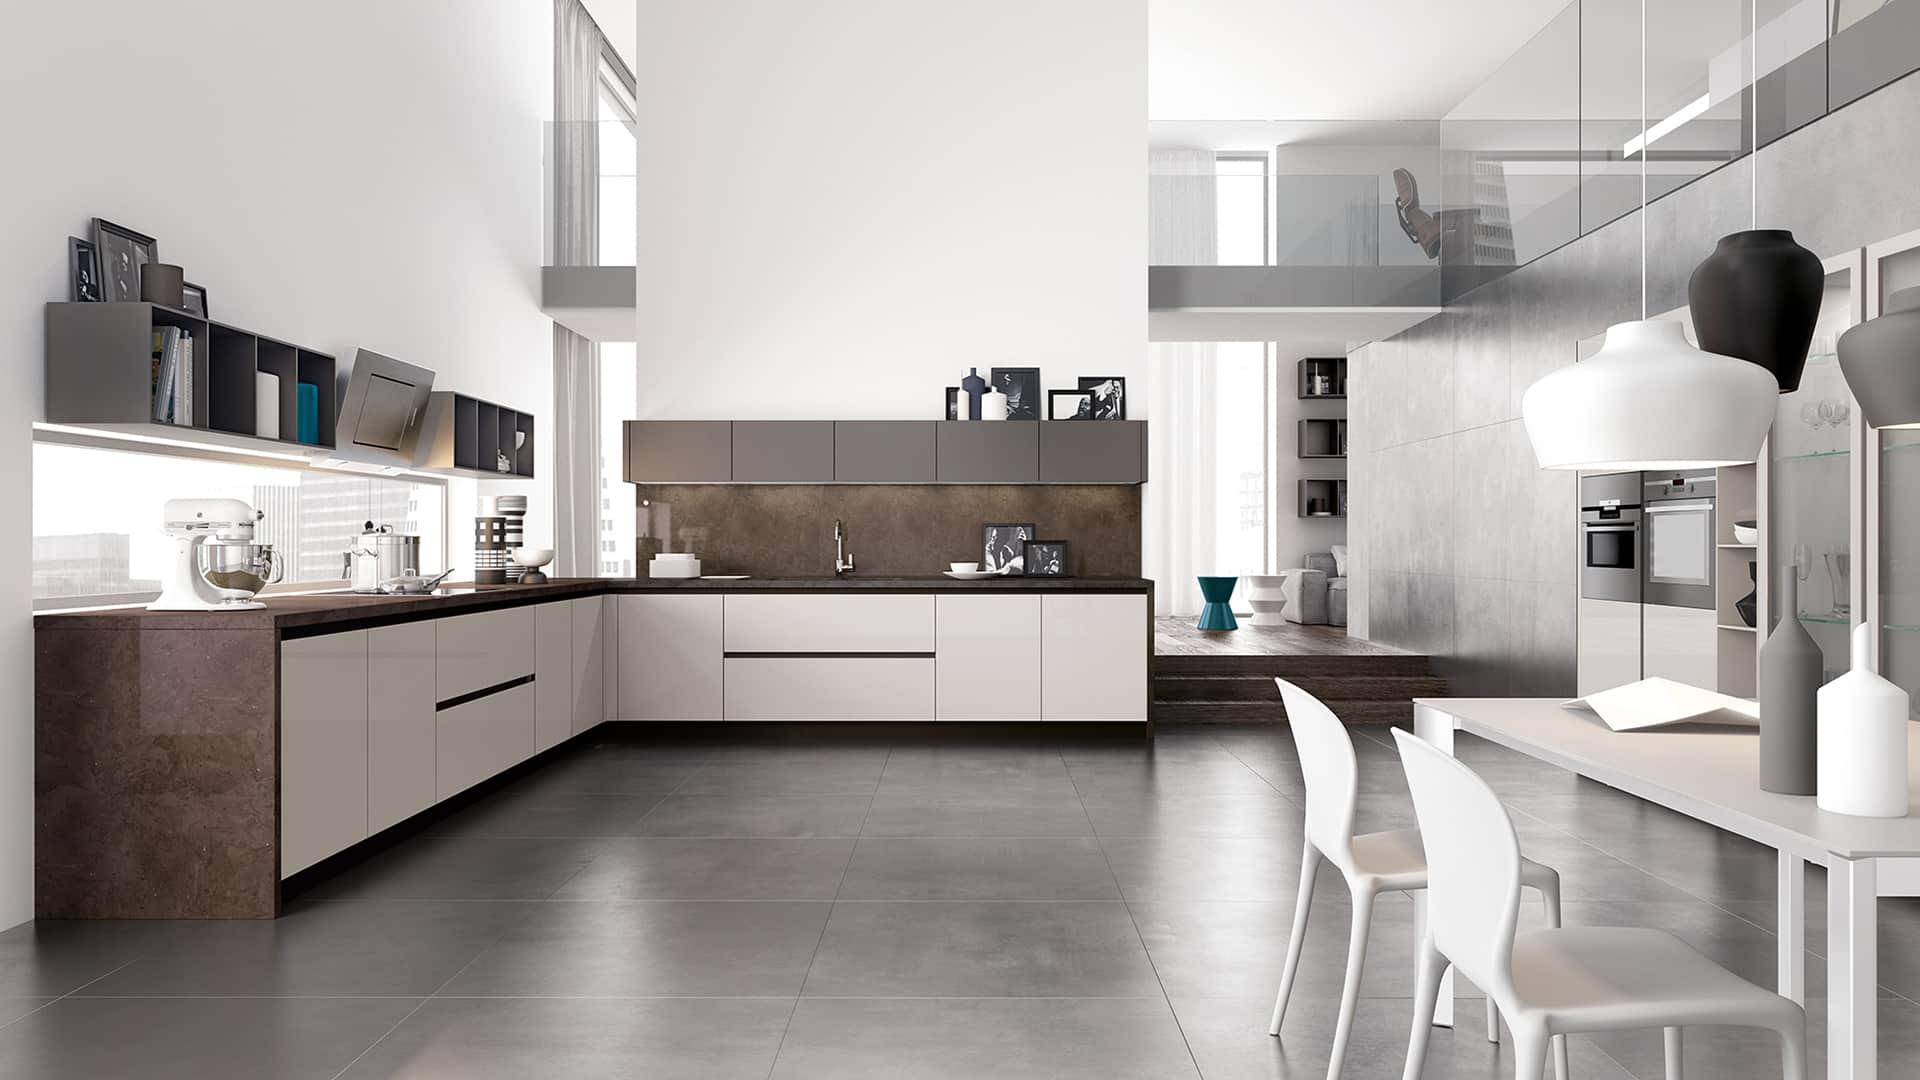 Cucina Angolare Moderna - Home Design E Interior Ideas - Refoias.net